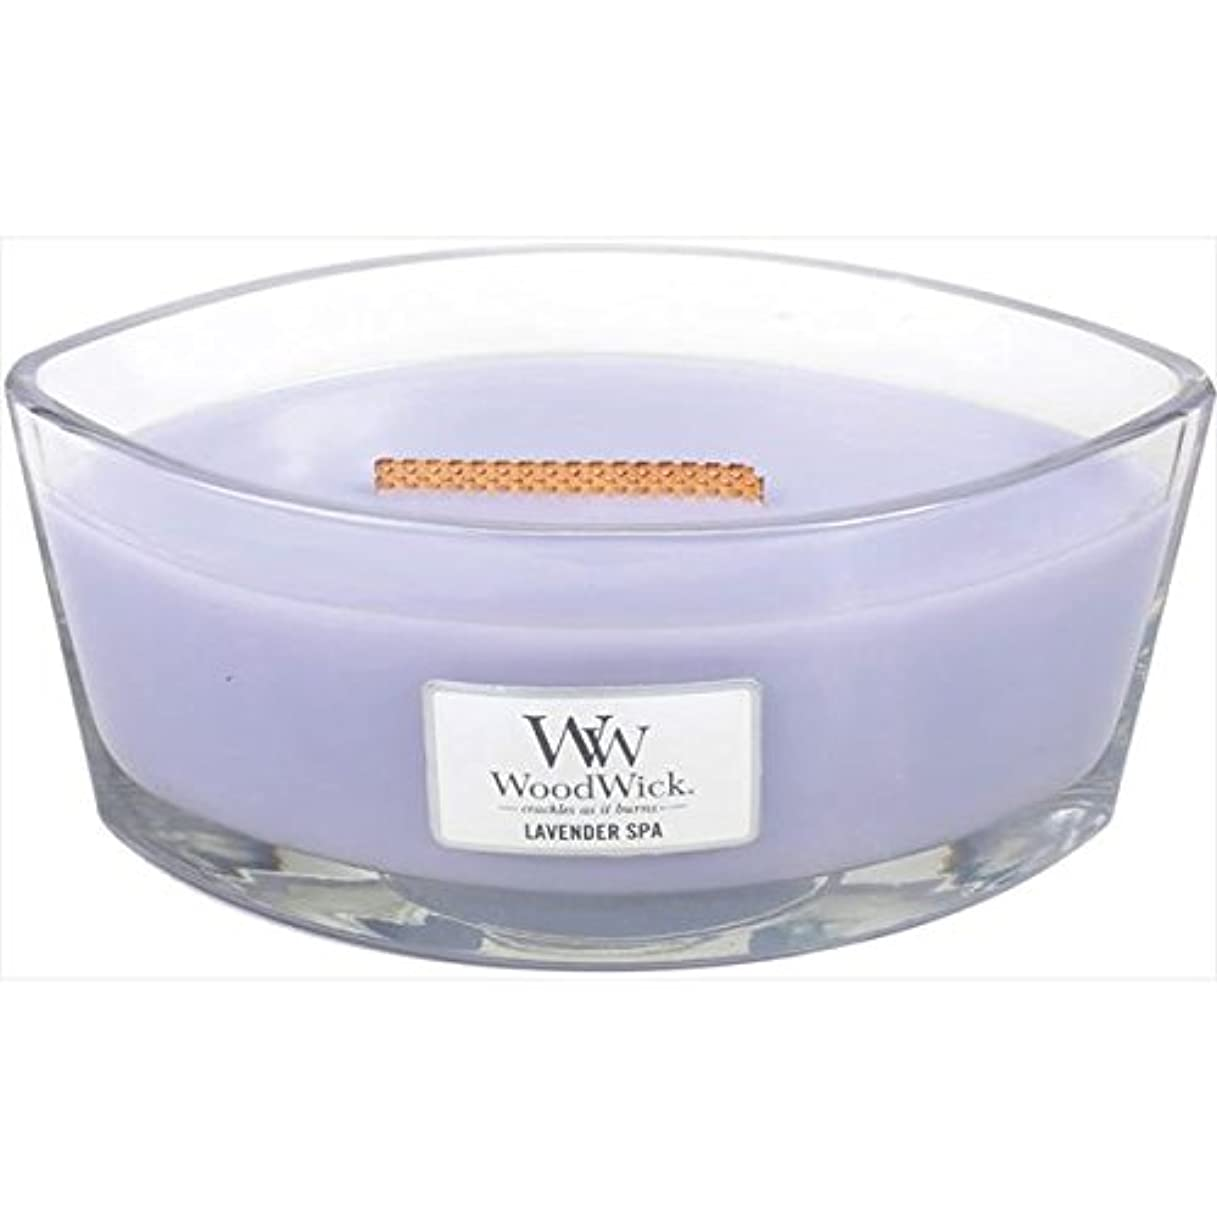 政権番号看板Wood Wick(ウッドウィック):ハースウィックL LVスパ WW940053028